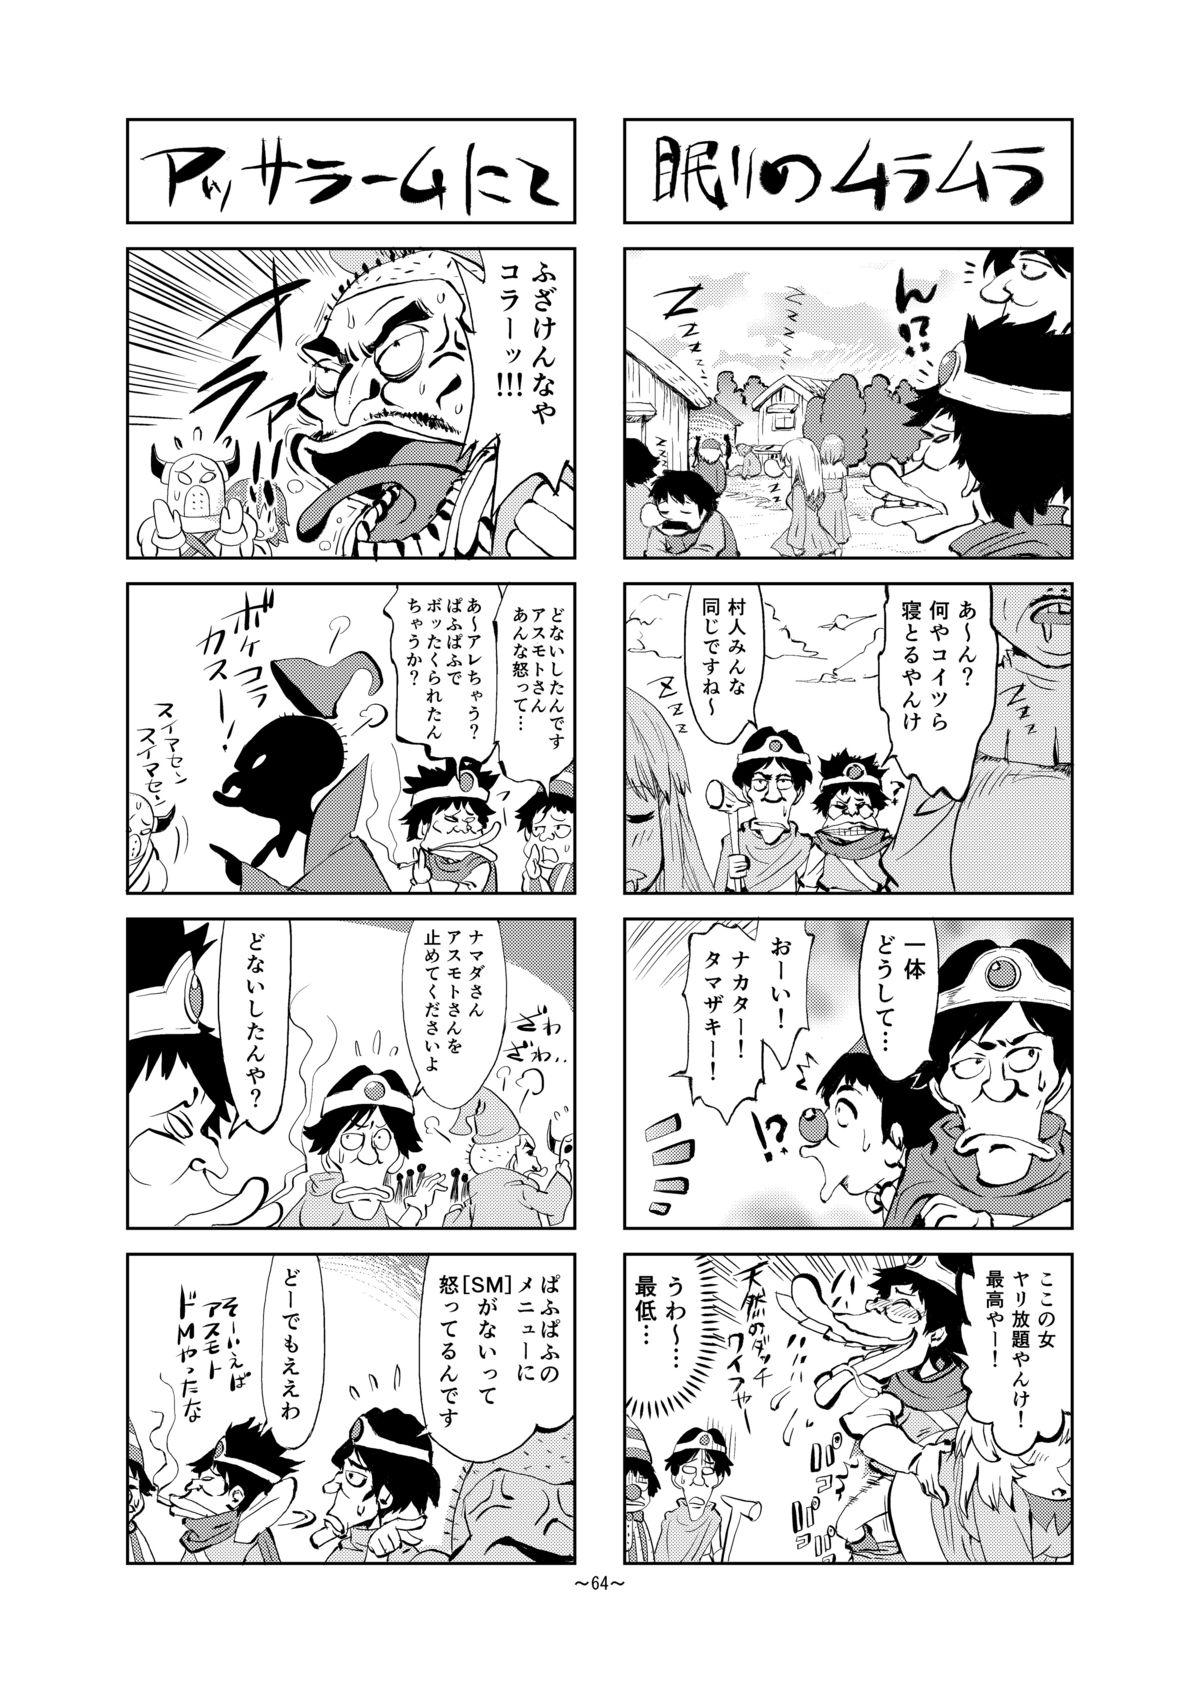 Zettai ni Zenmetsushite wa Ikenai DraQue 64